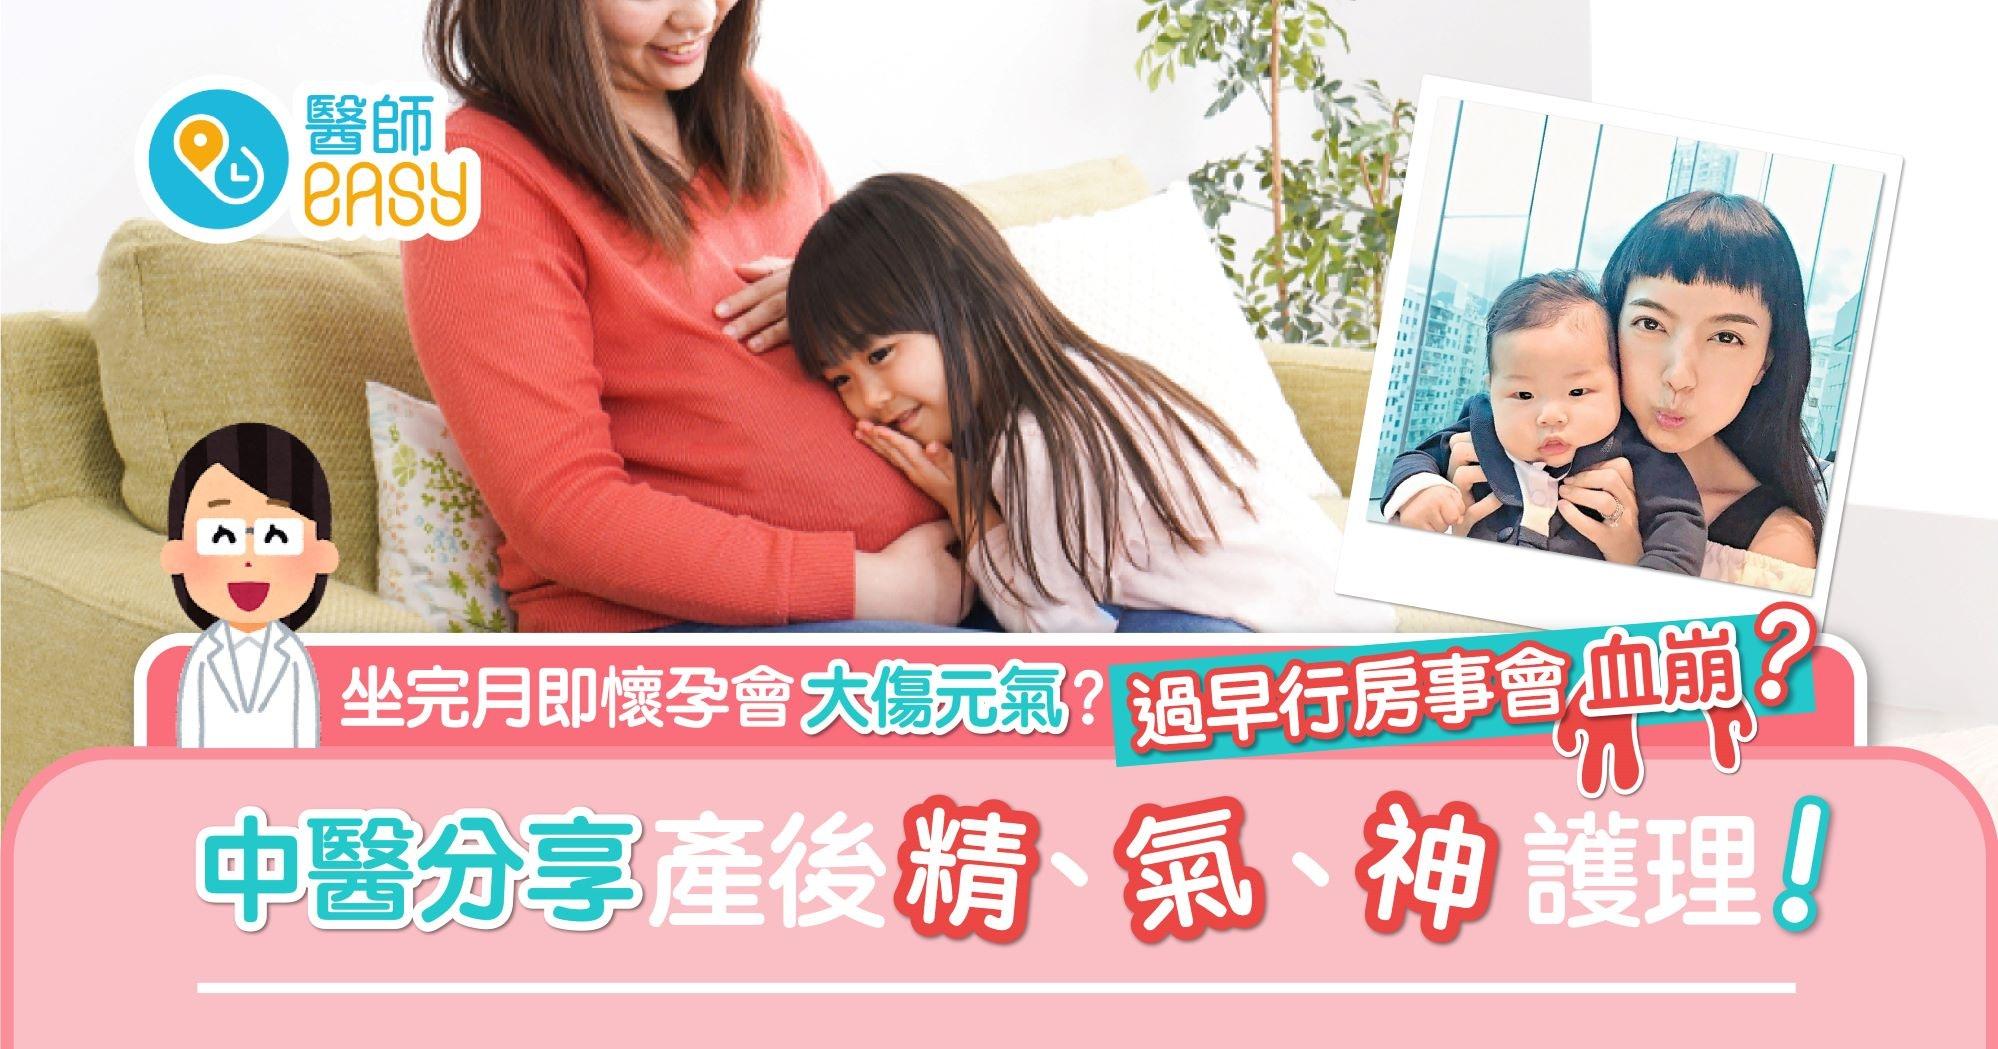 備孕懷孕 坐完月可即懷孕?中醫講解產後護理及兩胎理想相隔時間